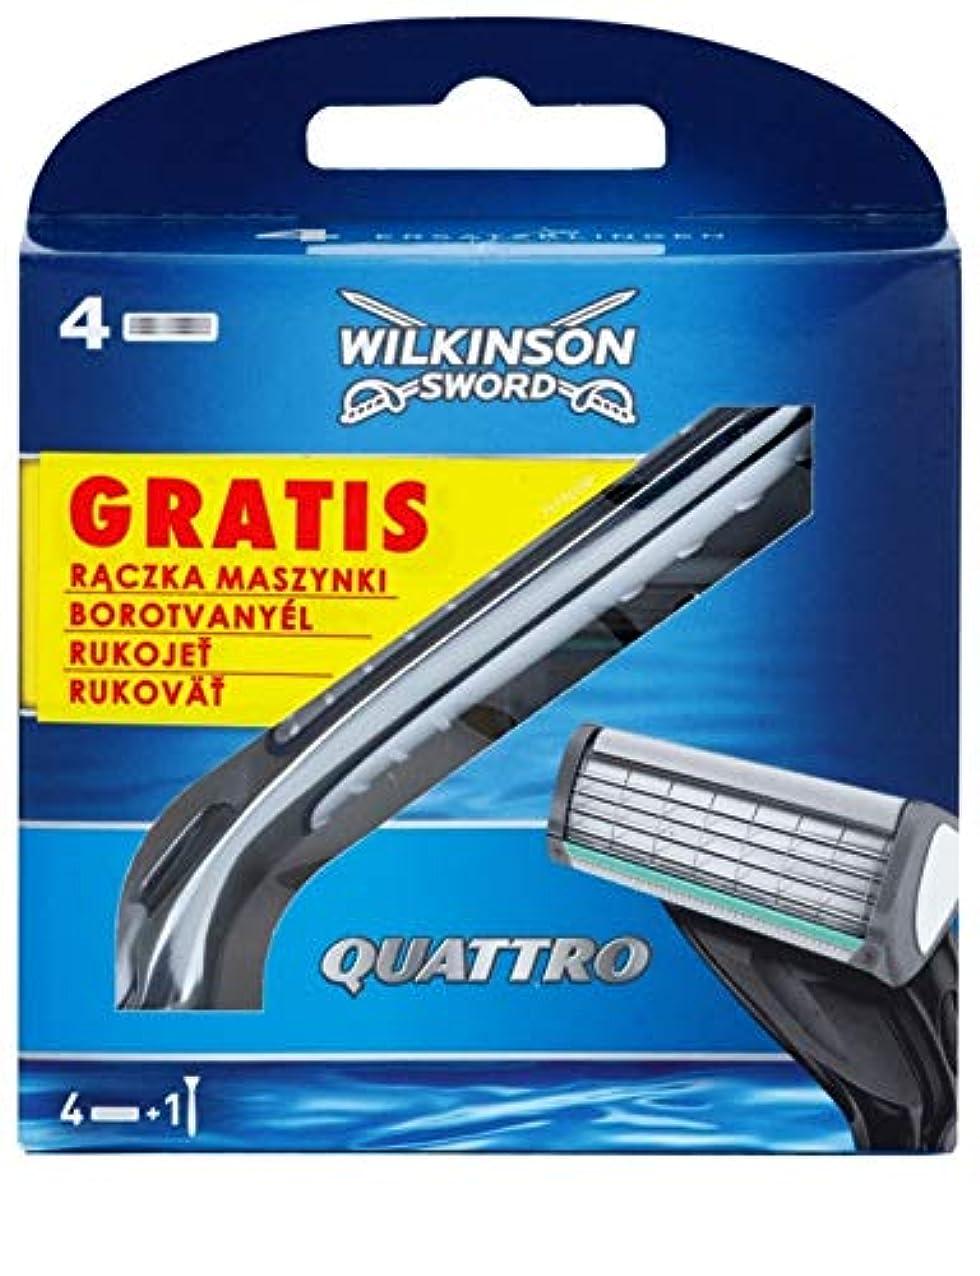 武器線活発Wilkinson Sword Quattro ウィルキンソンソード クアトロ 4 +1 [並行輸入品]